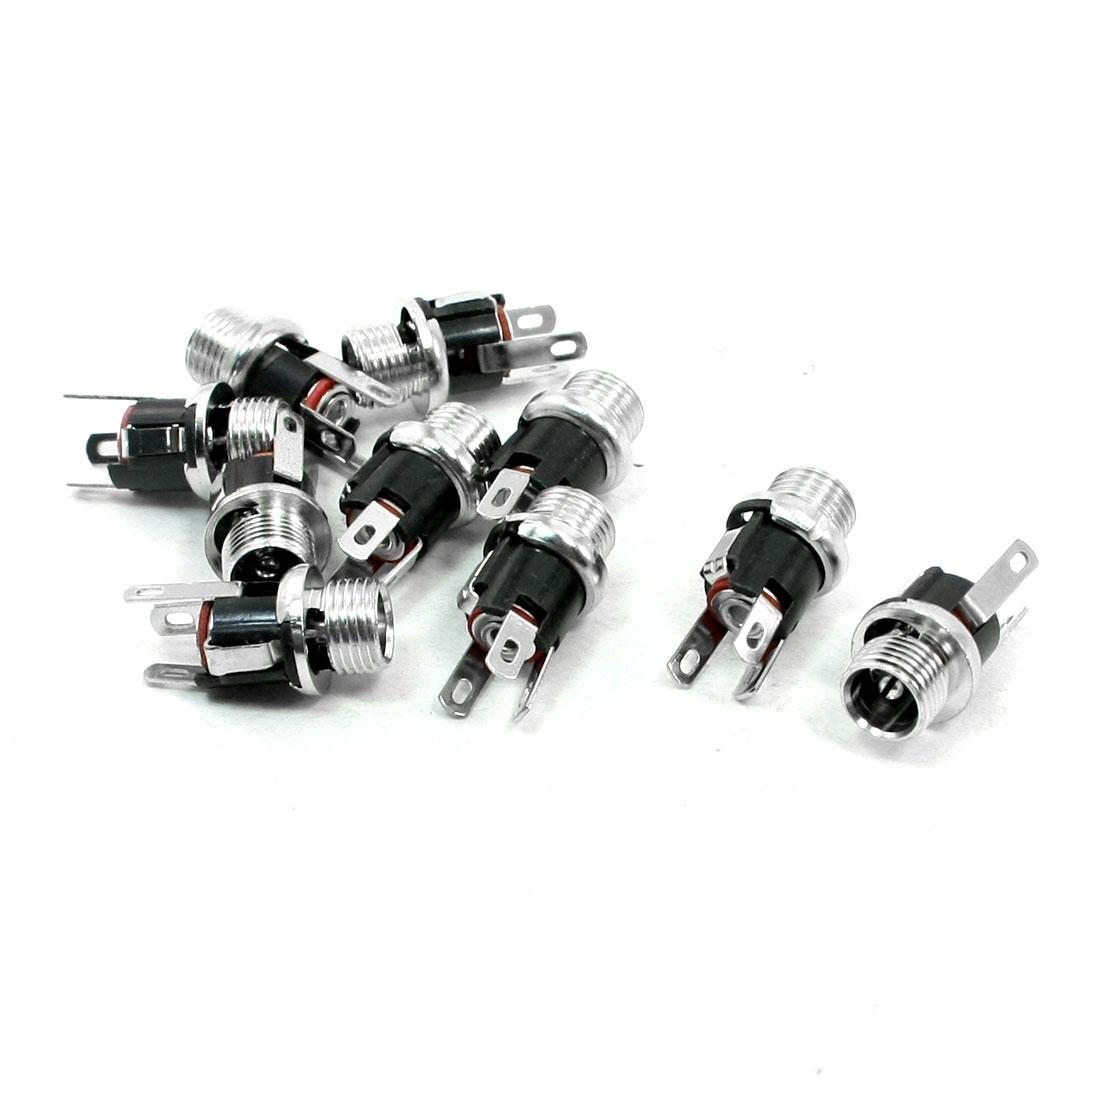 10 PCS 2.1x5.5mm 3 Poles DC Power Jacks Connectors Socket